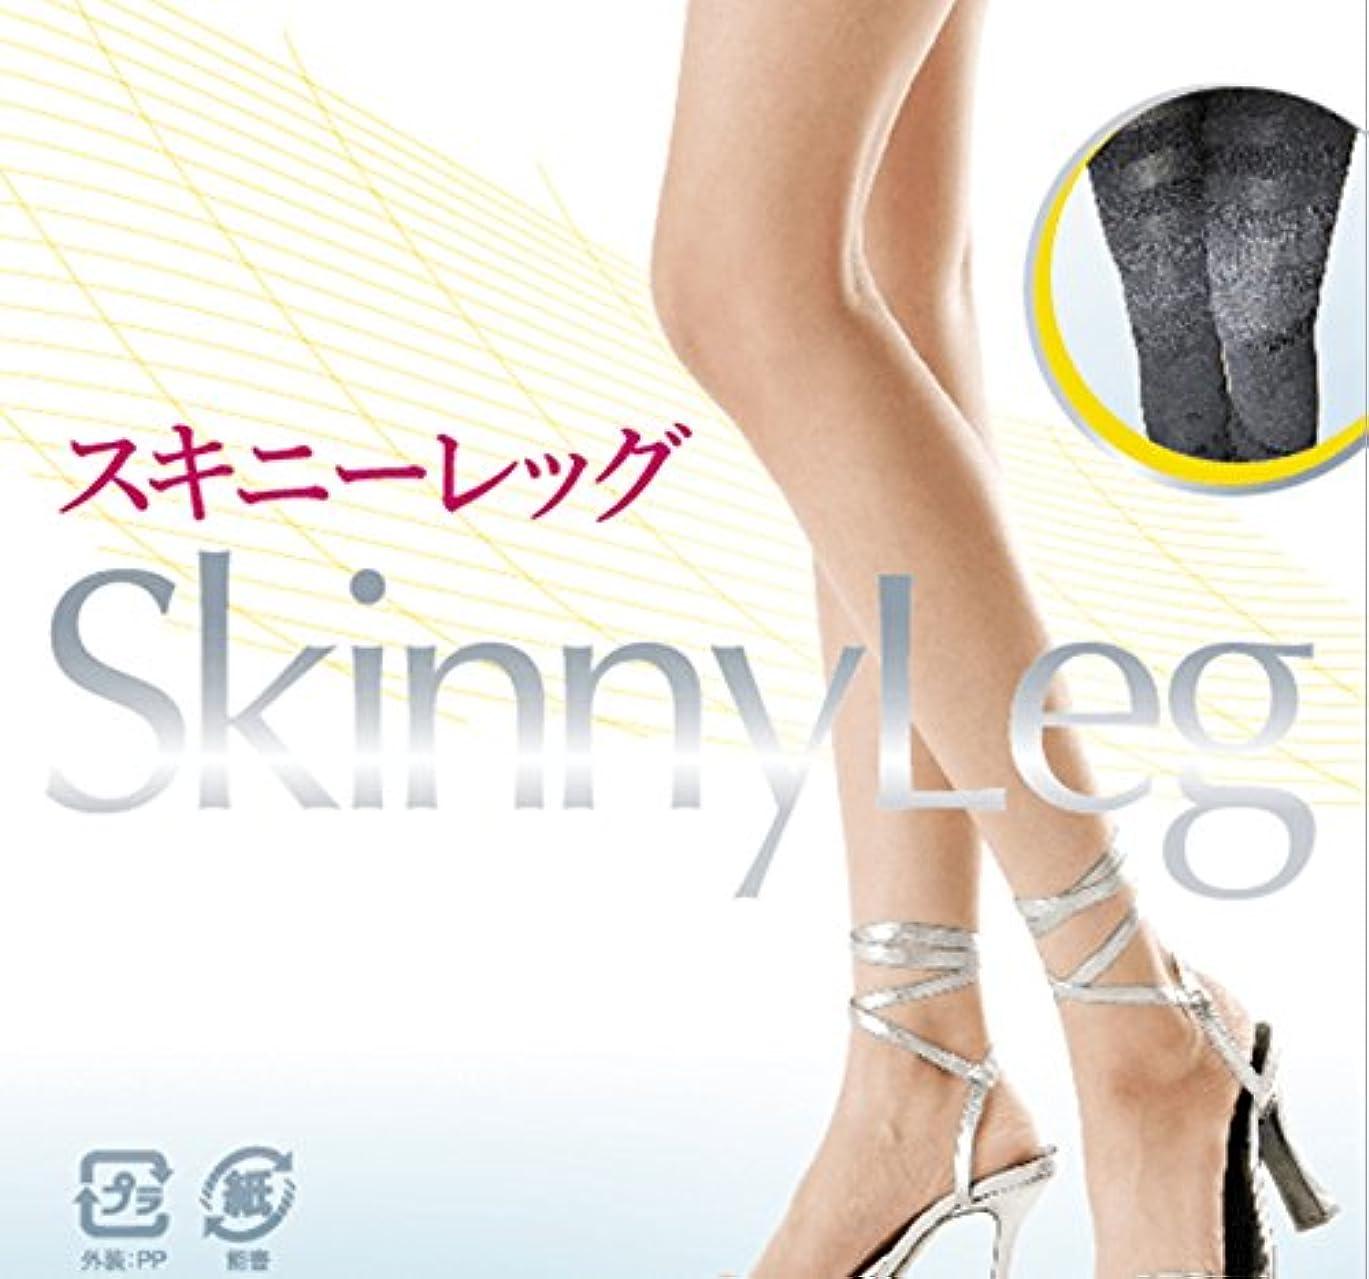 ゴール留まるトラフィック【送料無料3個セット】SkinnyLeg -スキニーレッグ-